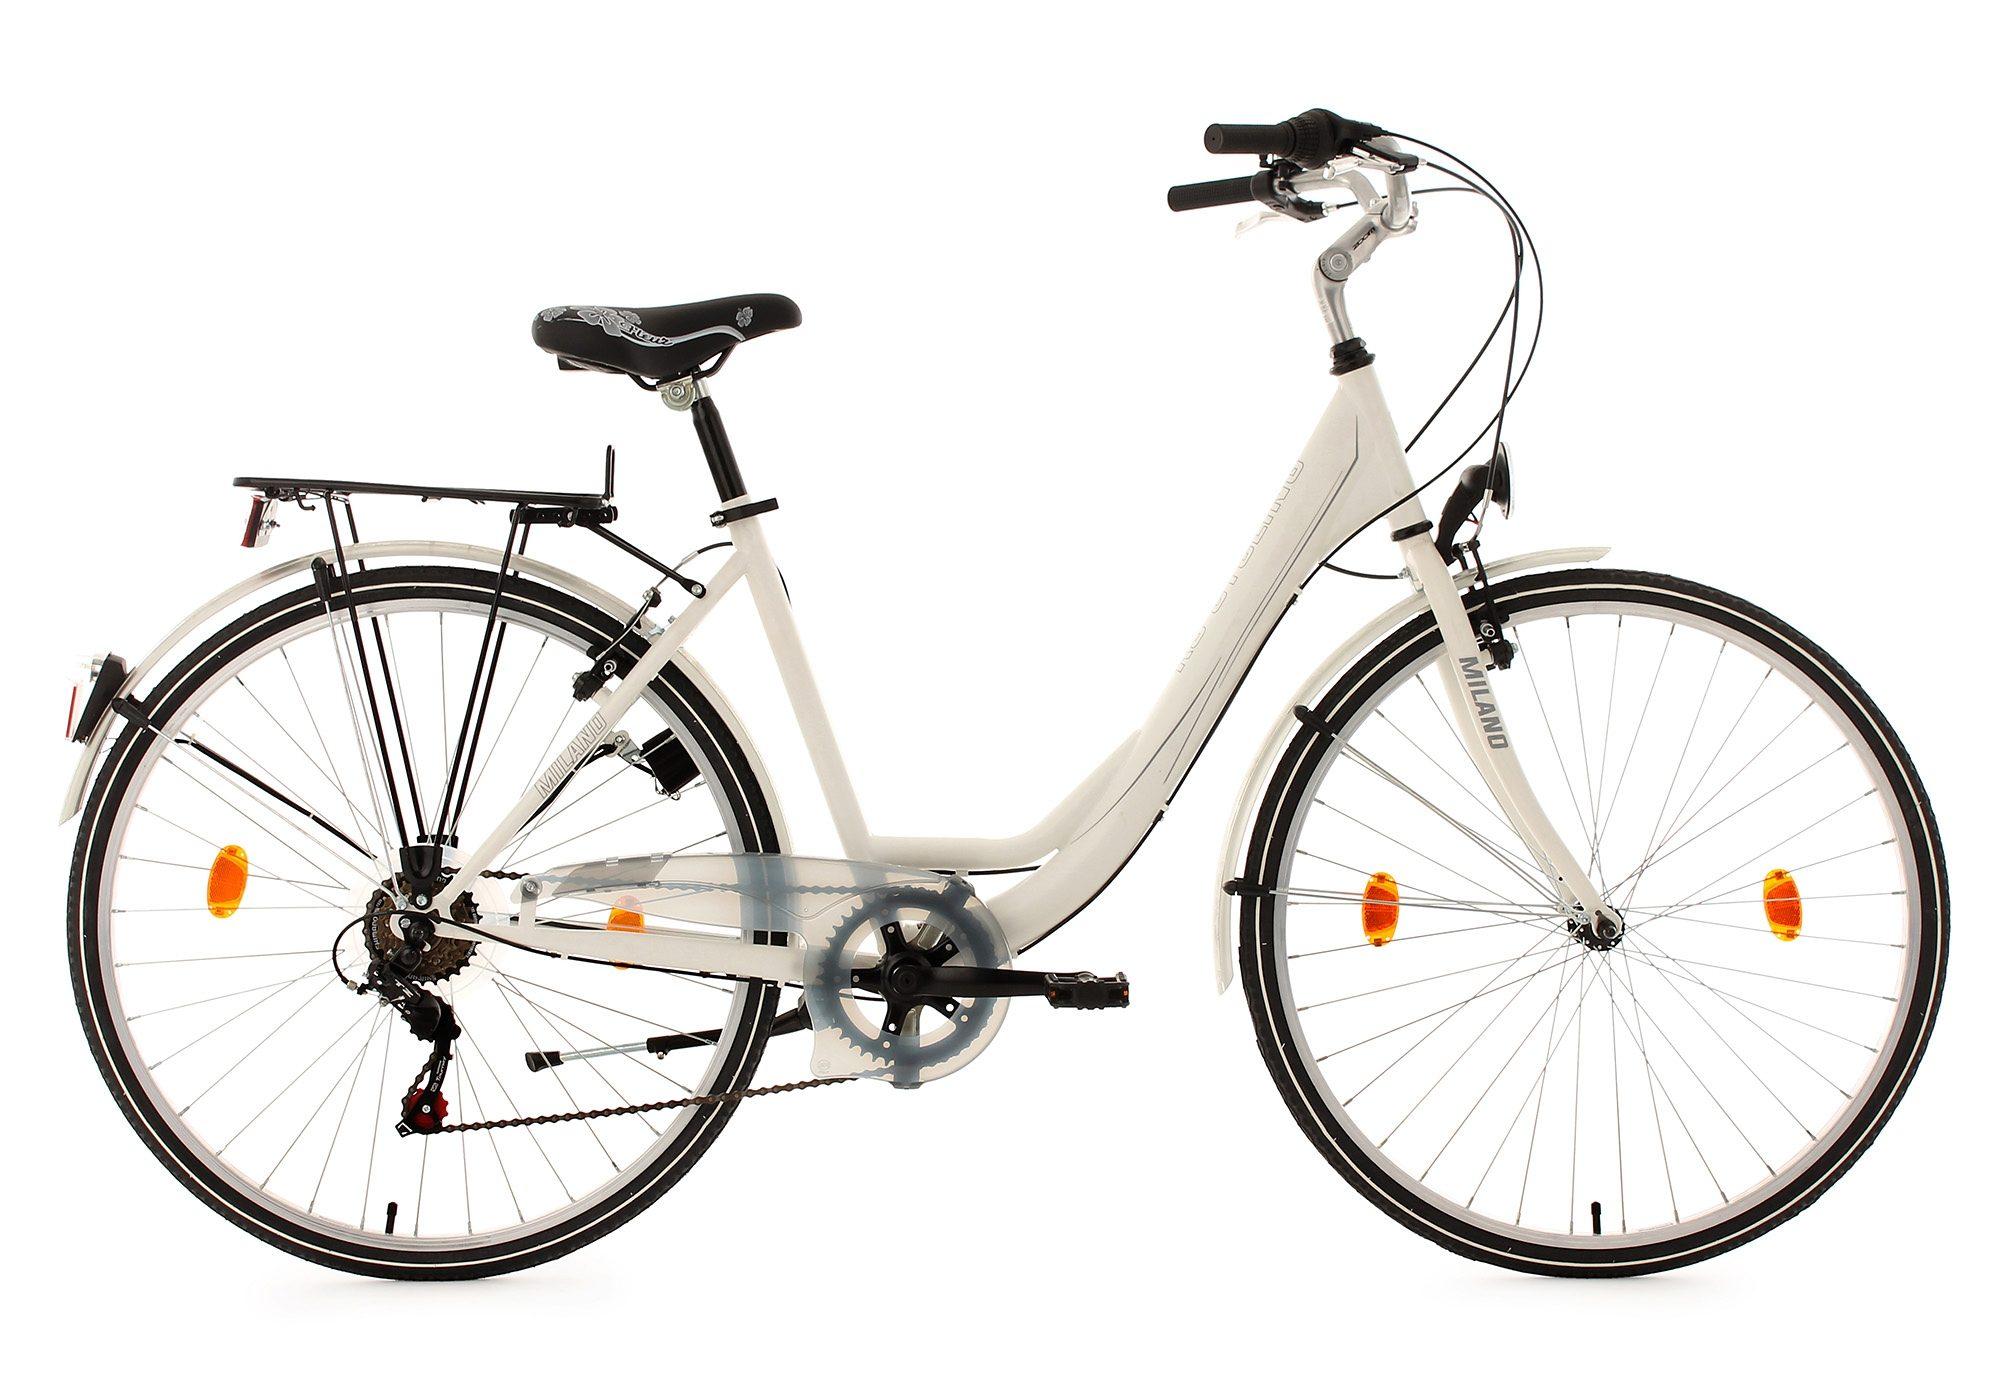 KS Cycling Damen Cityrad, 28 Zoll, weiß, 6 Gang-Kettenschaltung, »Milano«